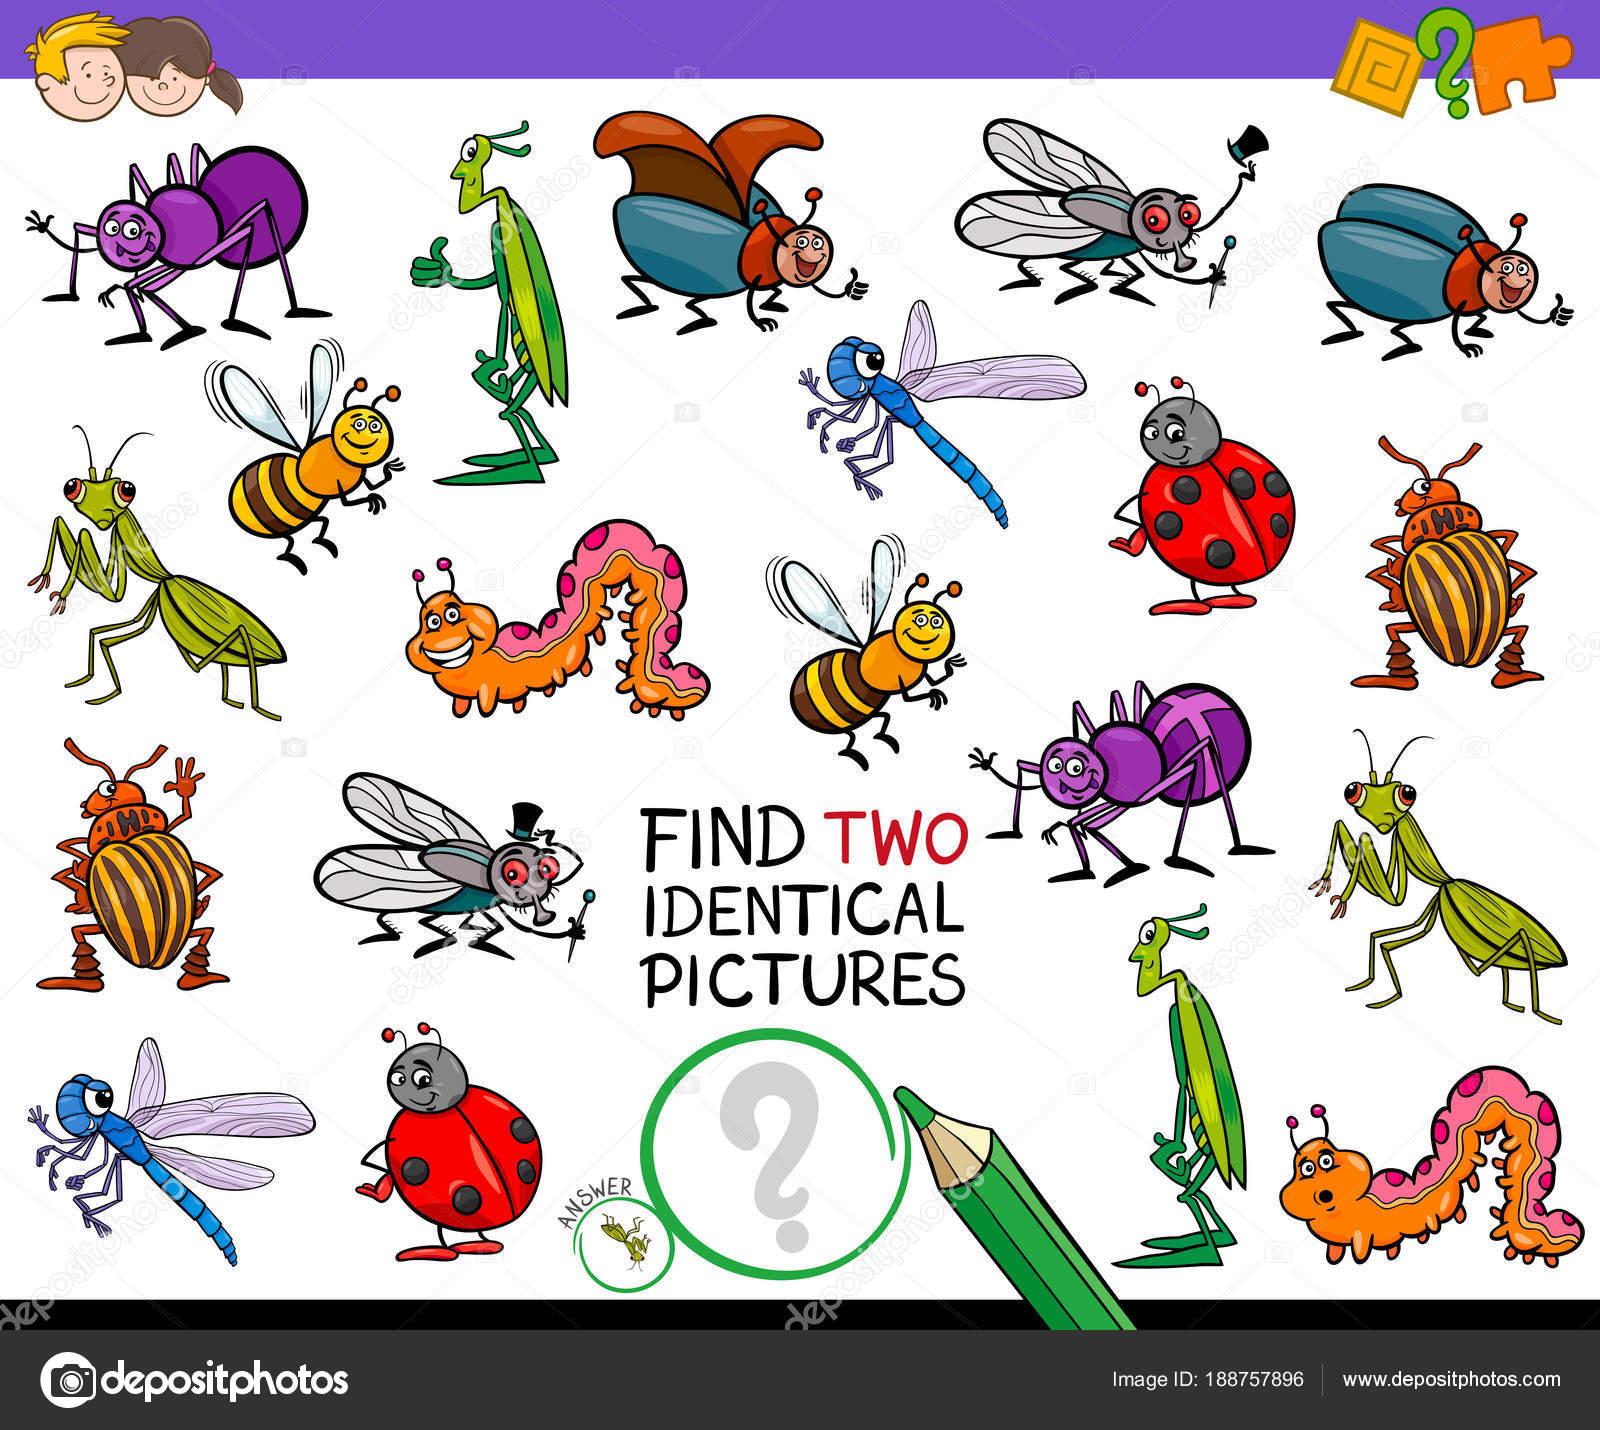 Encontrar dos insectos id nticos dibujos animados juegos para ni os archivo im genes - Fotos de insectos para imprimir ...